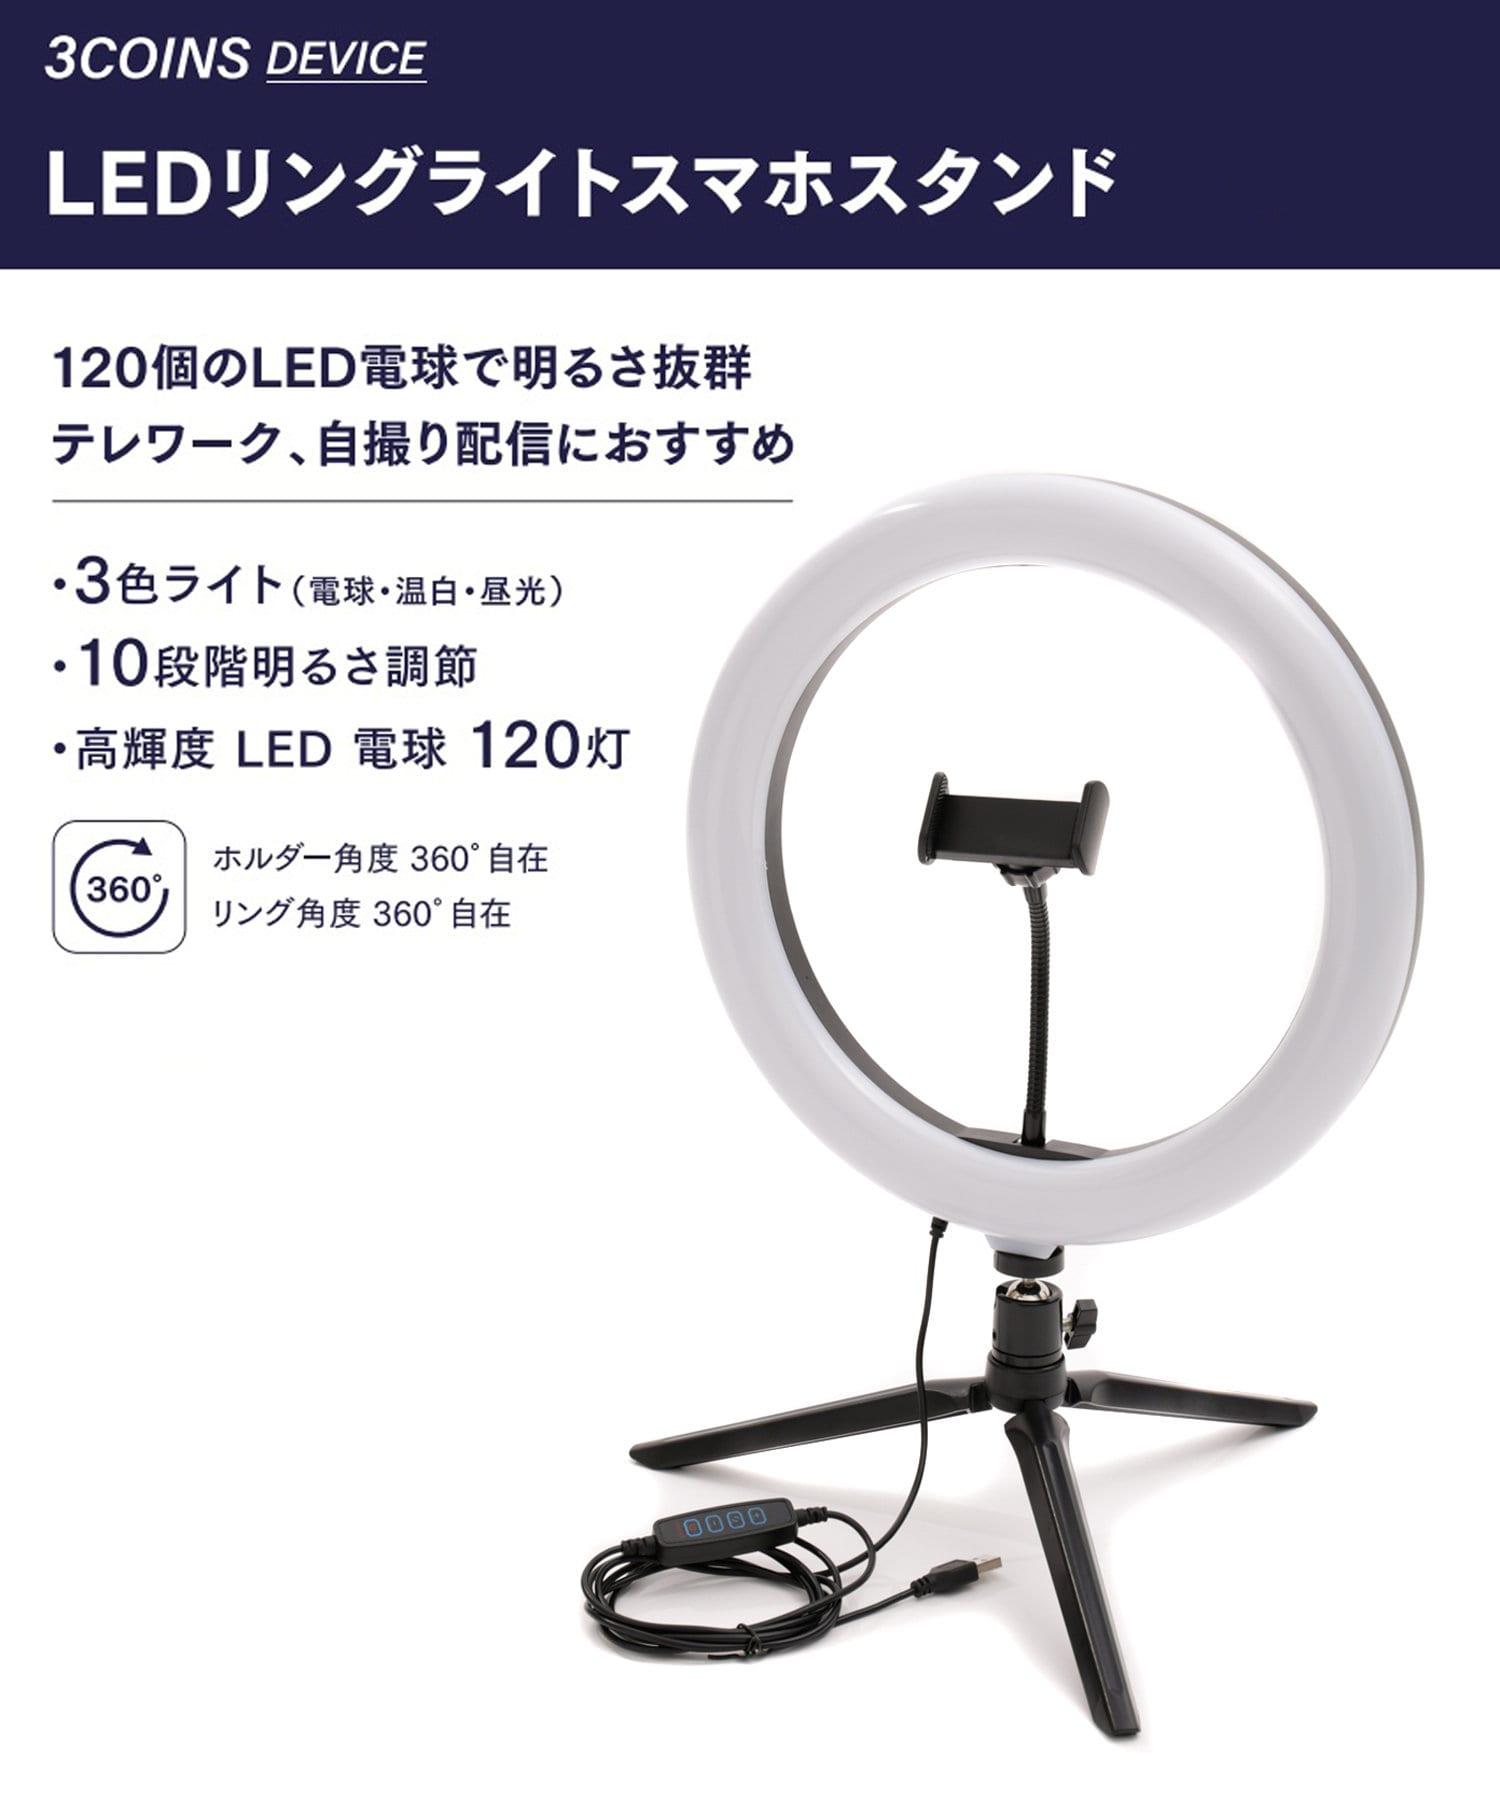 3COINS(スリーコインズ) ライフスタイル 【3COINS DEVICE】LEDリングライトスマホスタンド ブラック